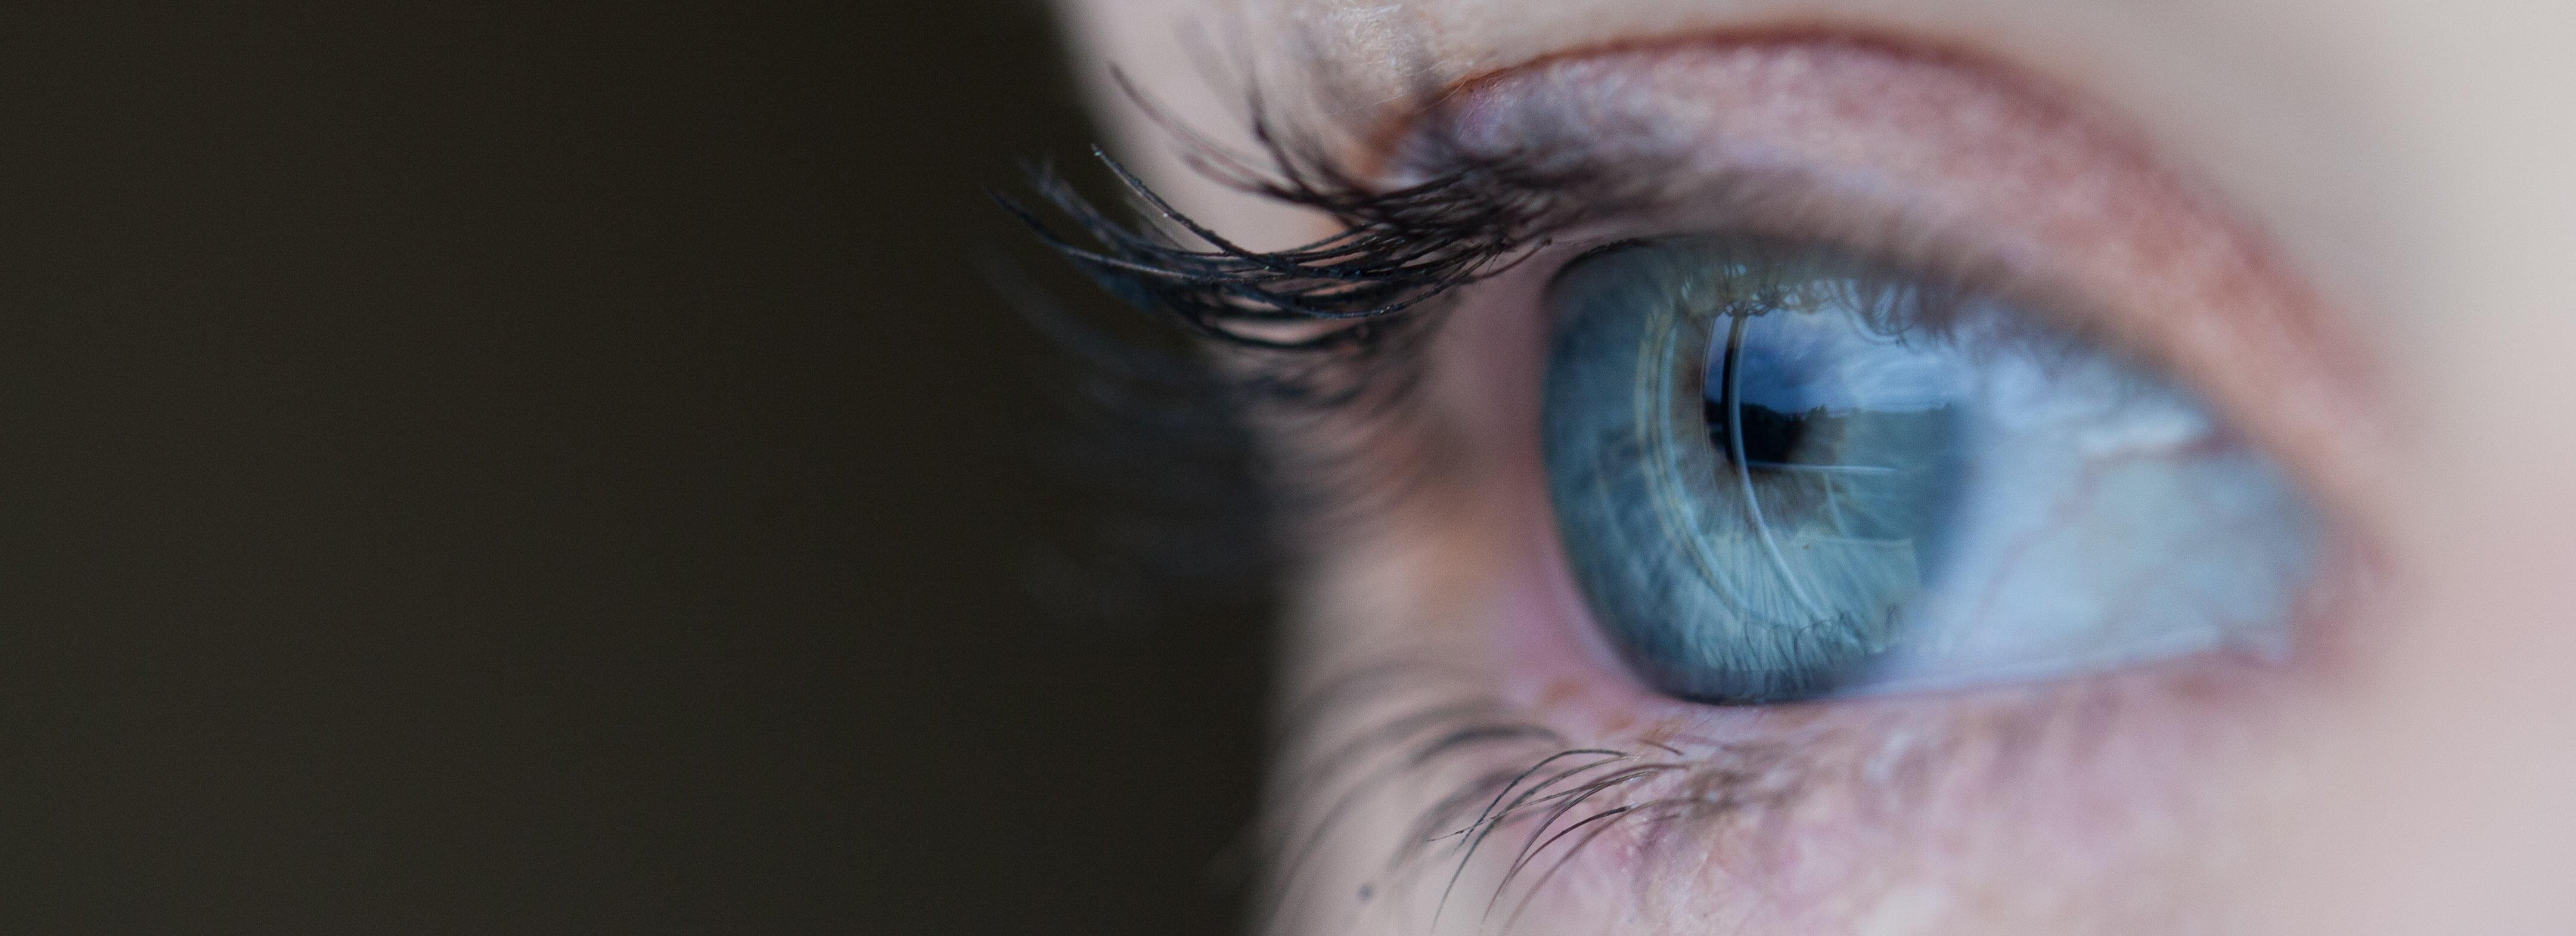 Medytacyjny trening poglądów: widzenie dobrego w złym, a złego w dobrym